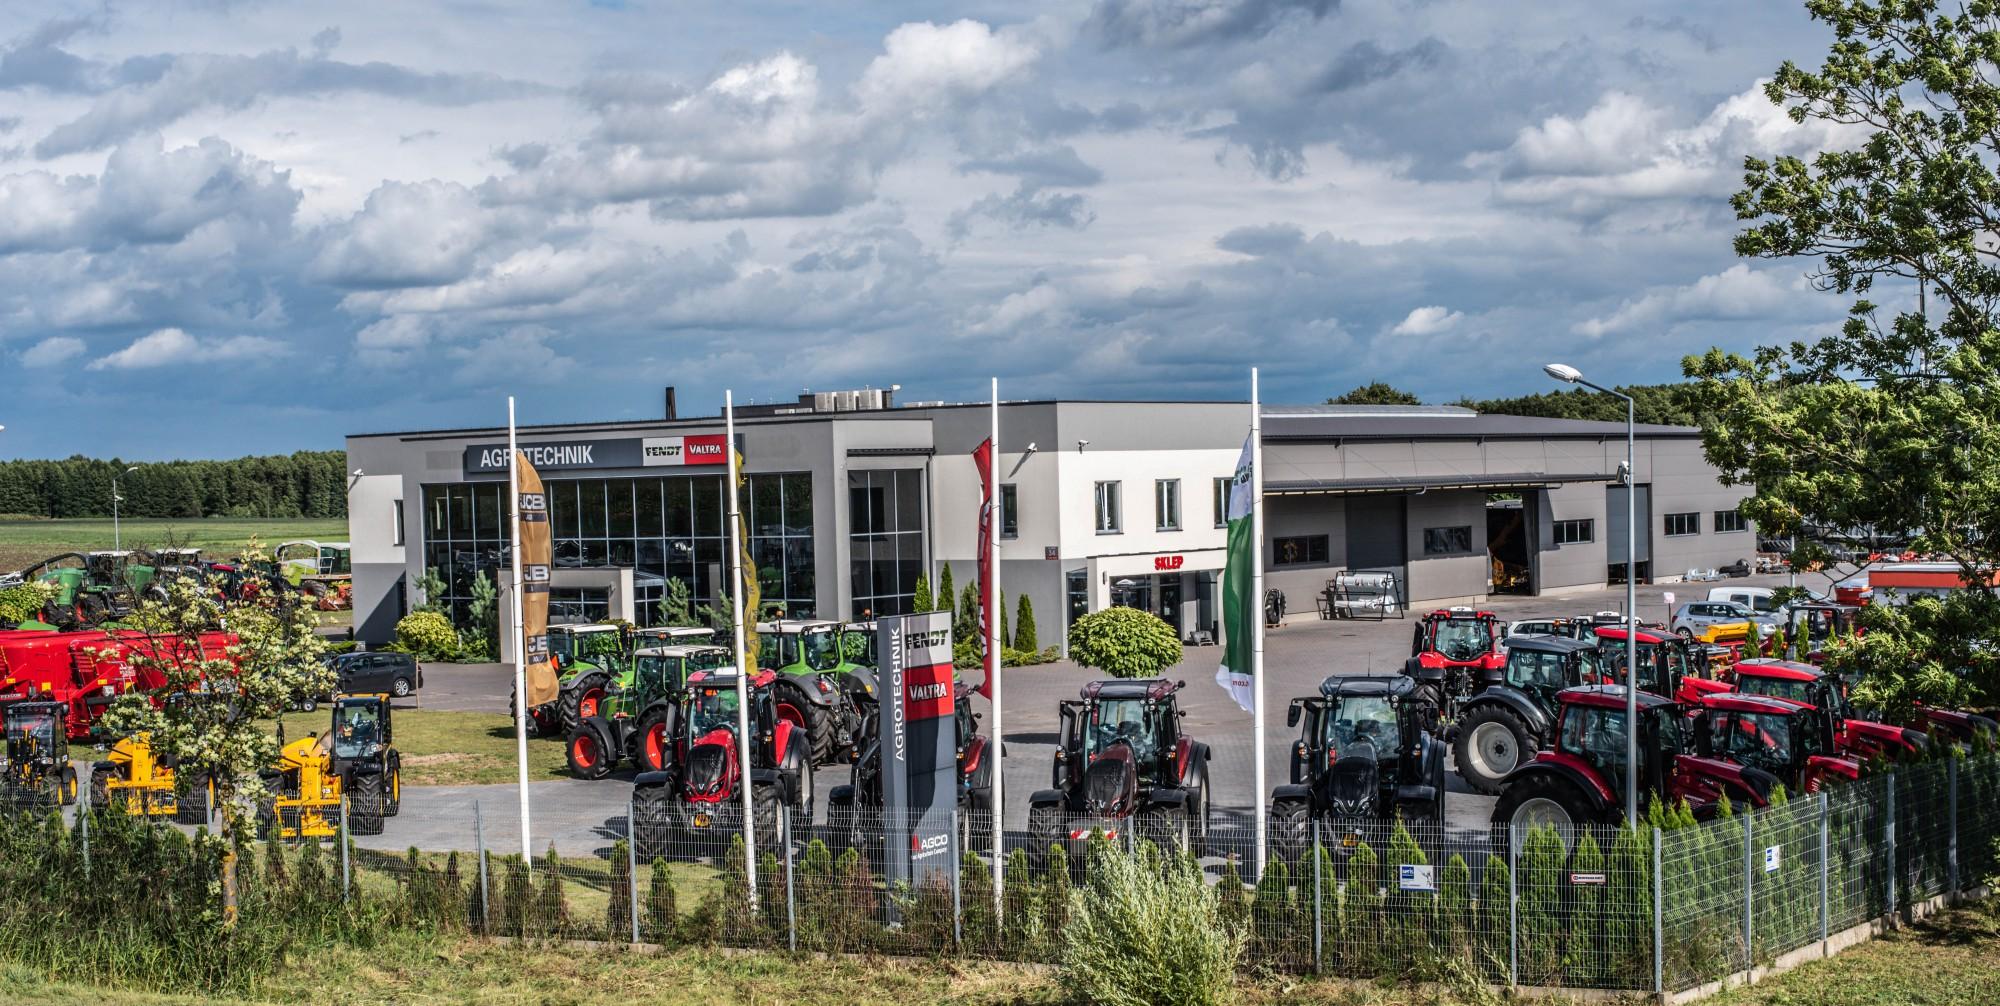 Agrotechnik maszyny rolnicze - siedziba firmy